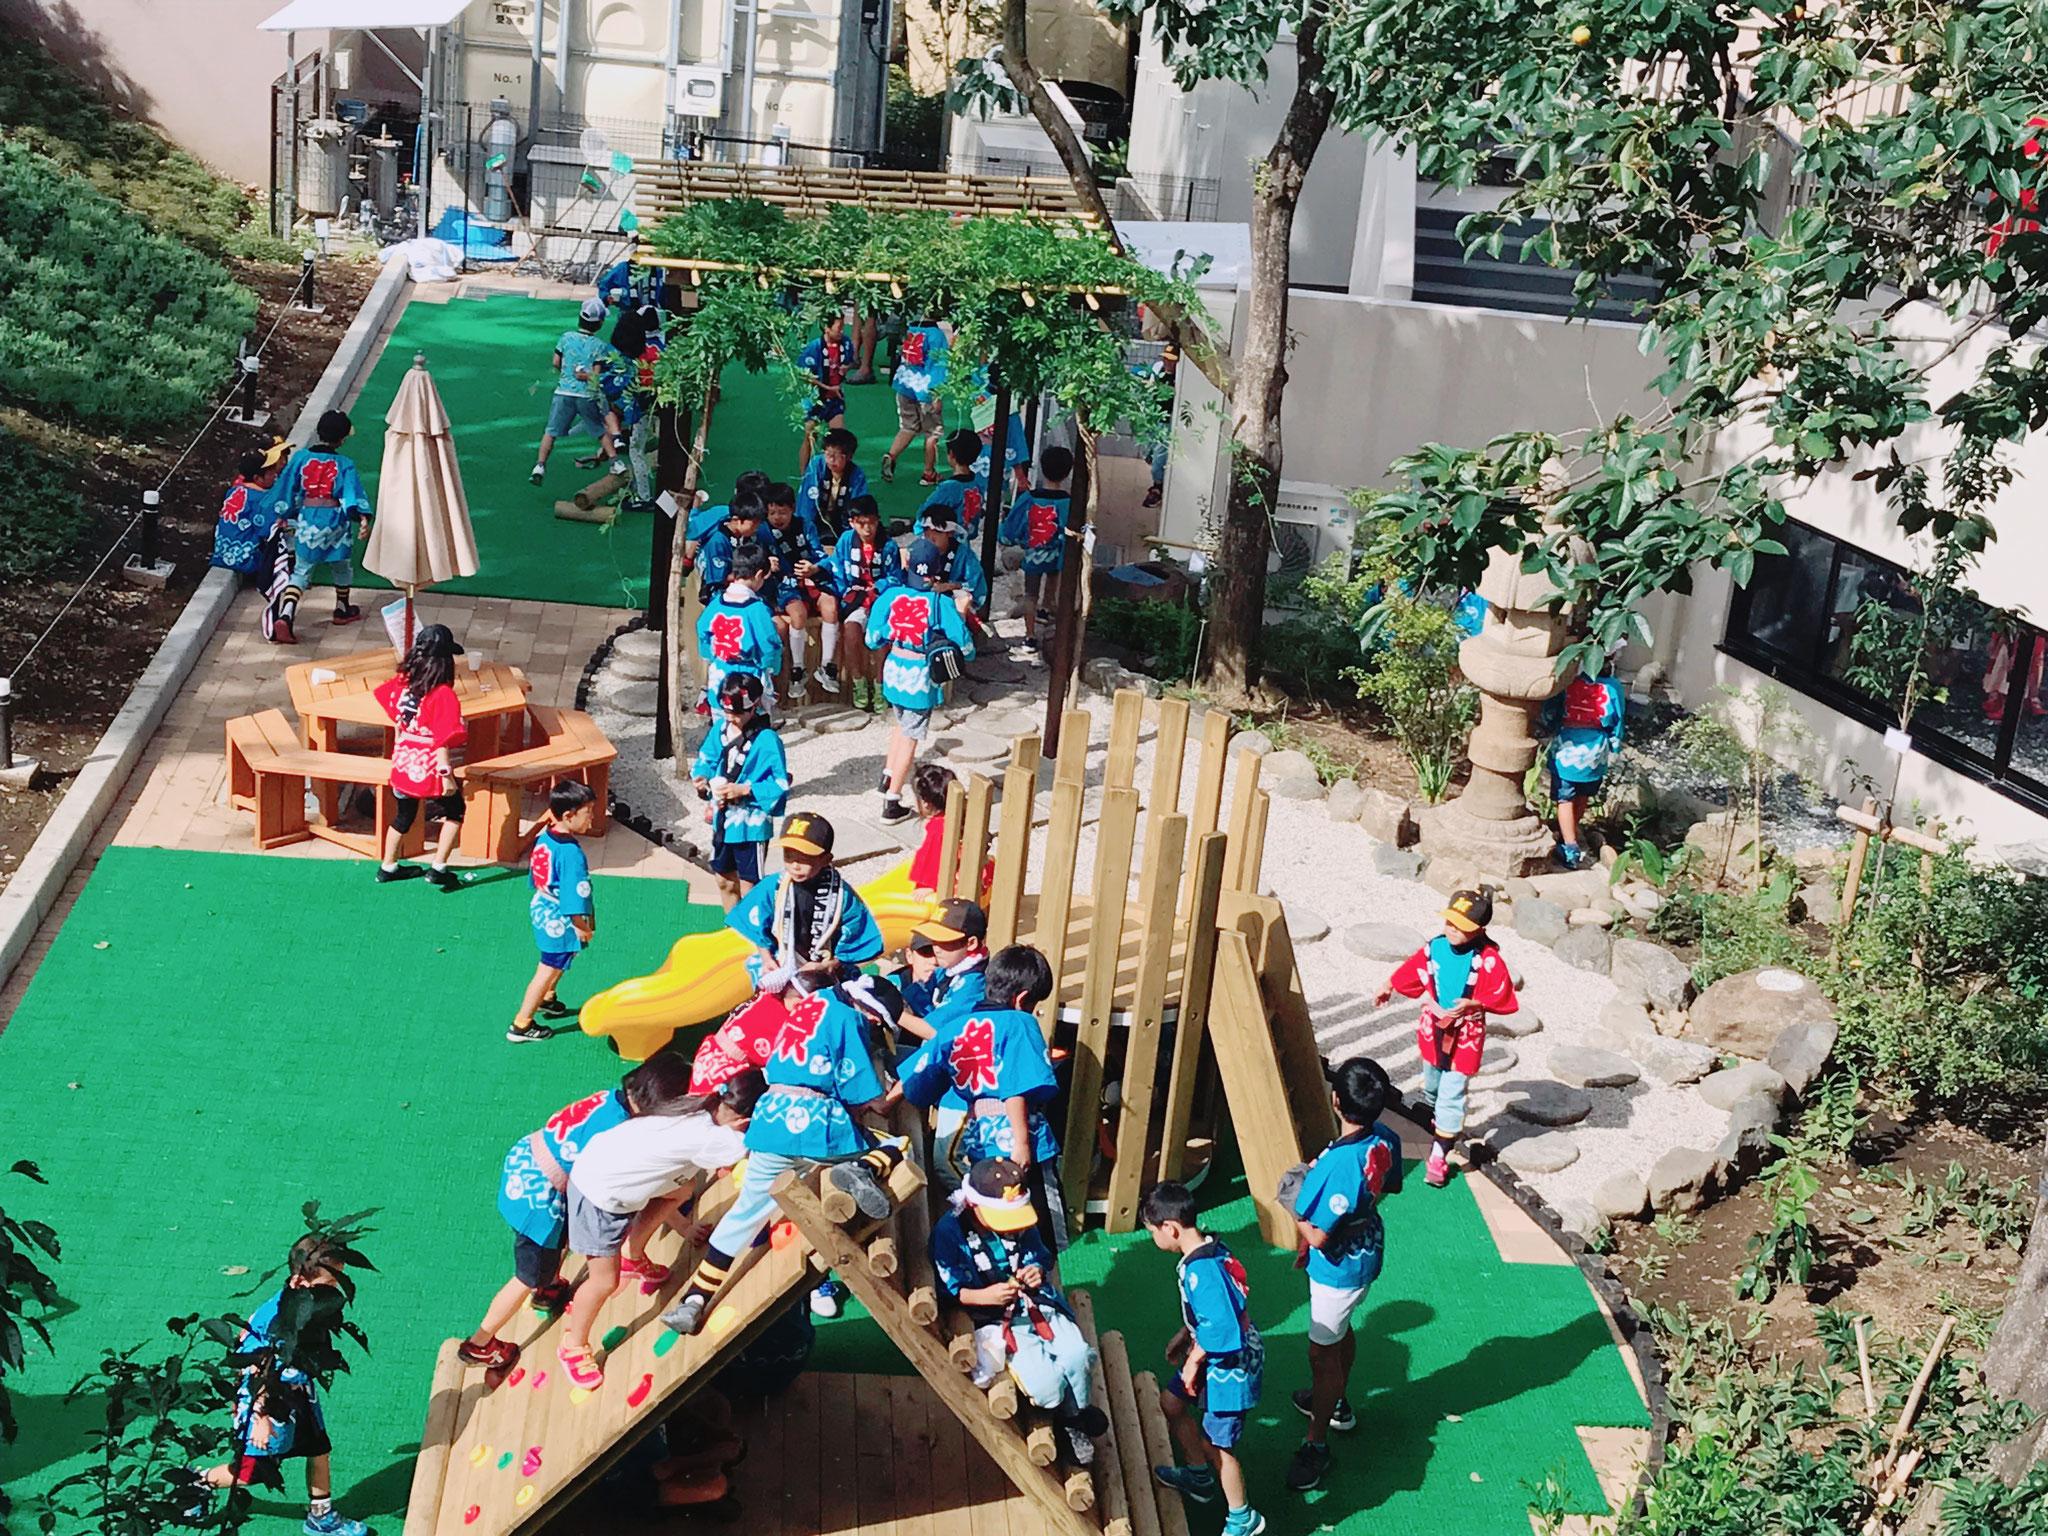 中庭で遊ぶ子どもたち